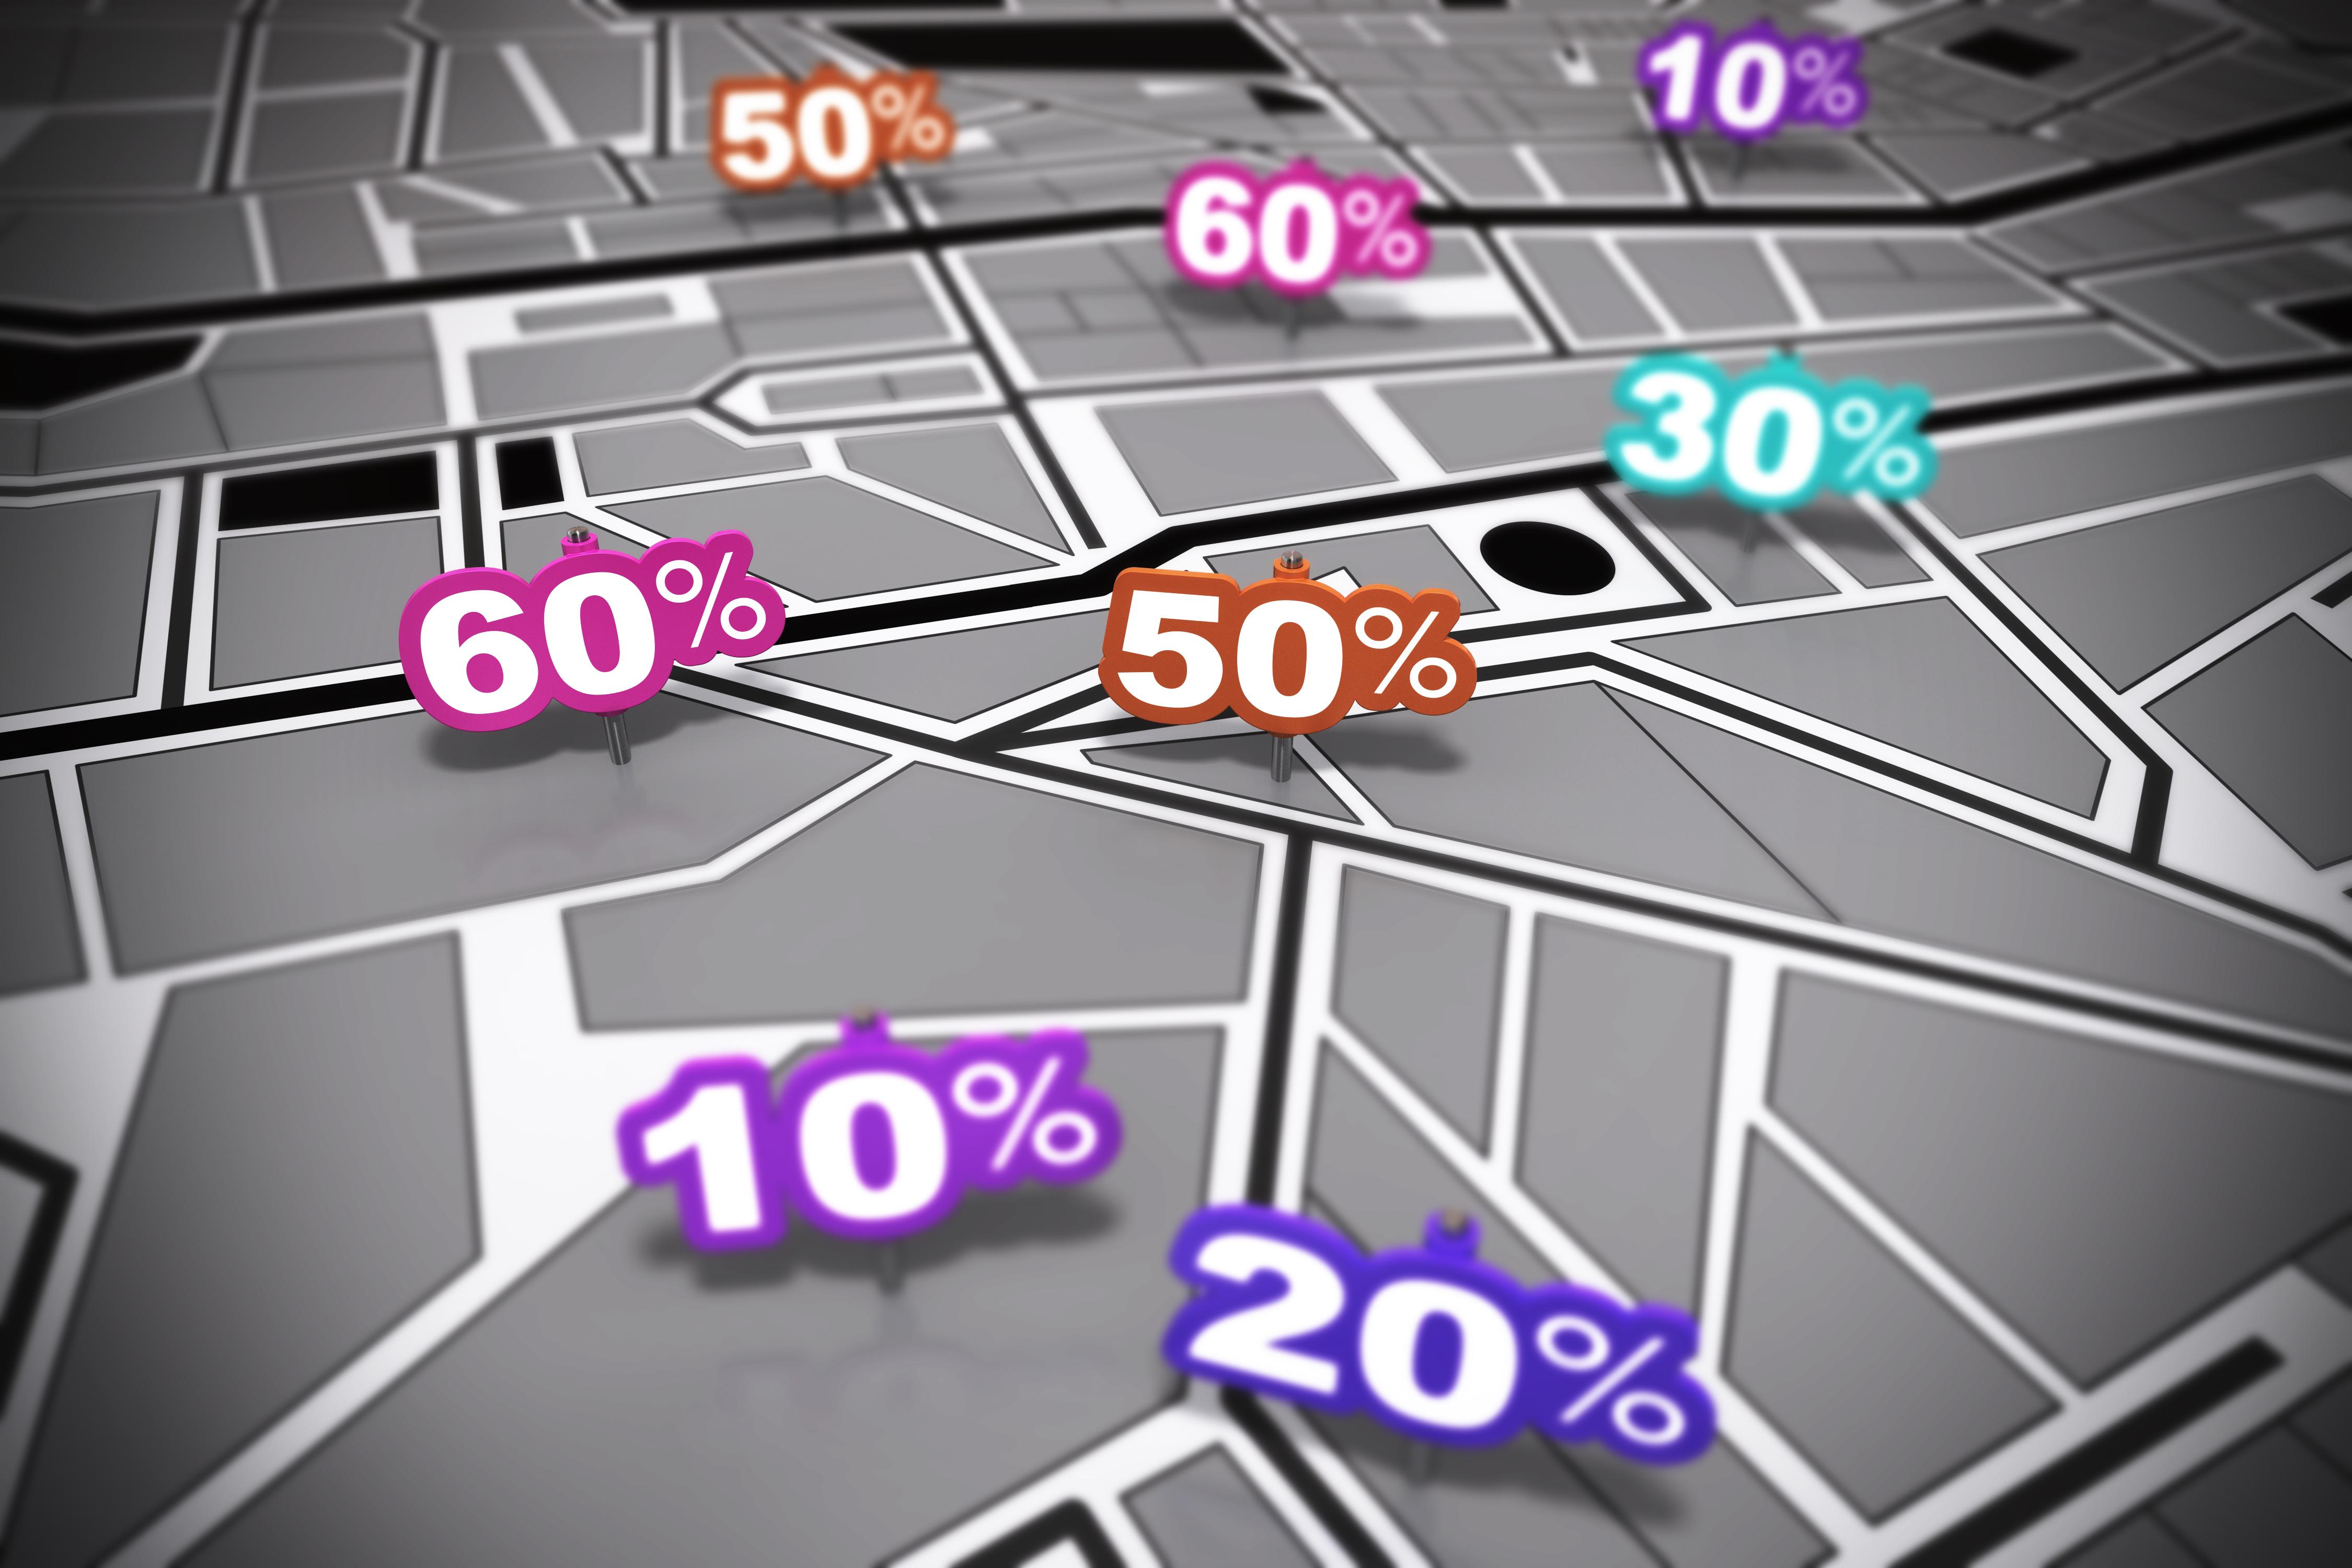 Geolocalización de la publicidad, presente y futuro